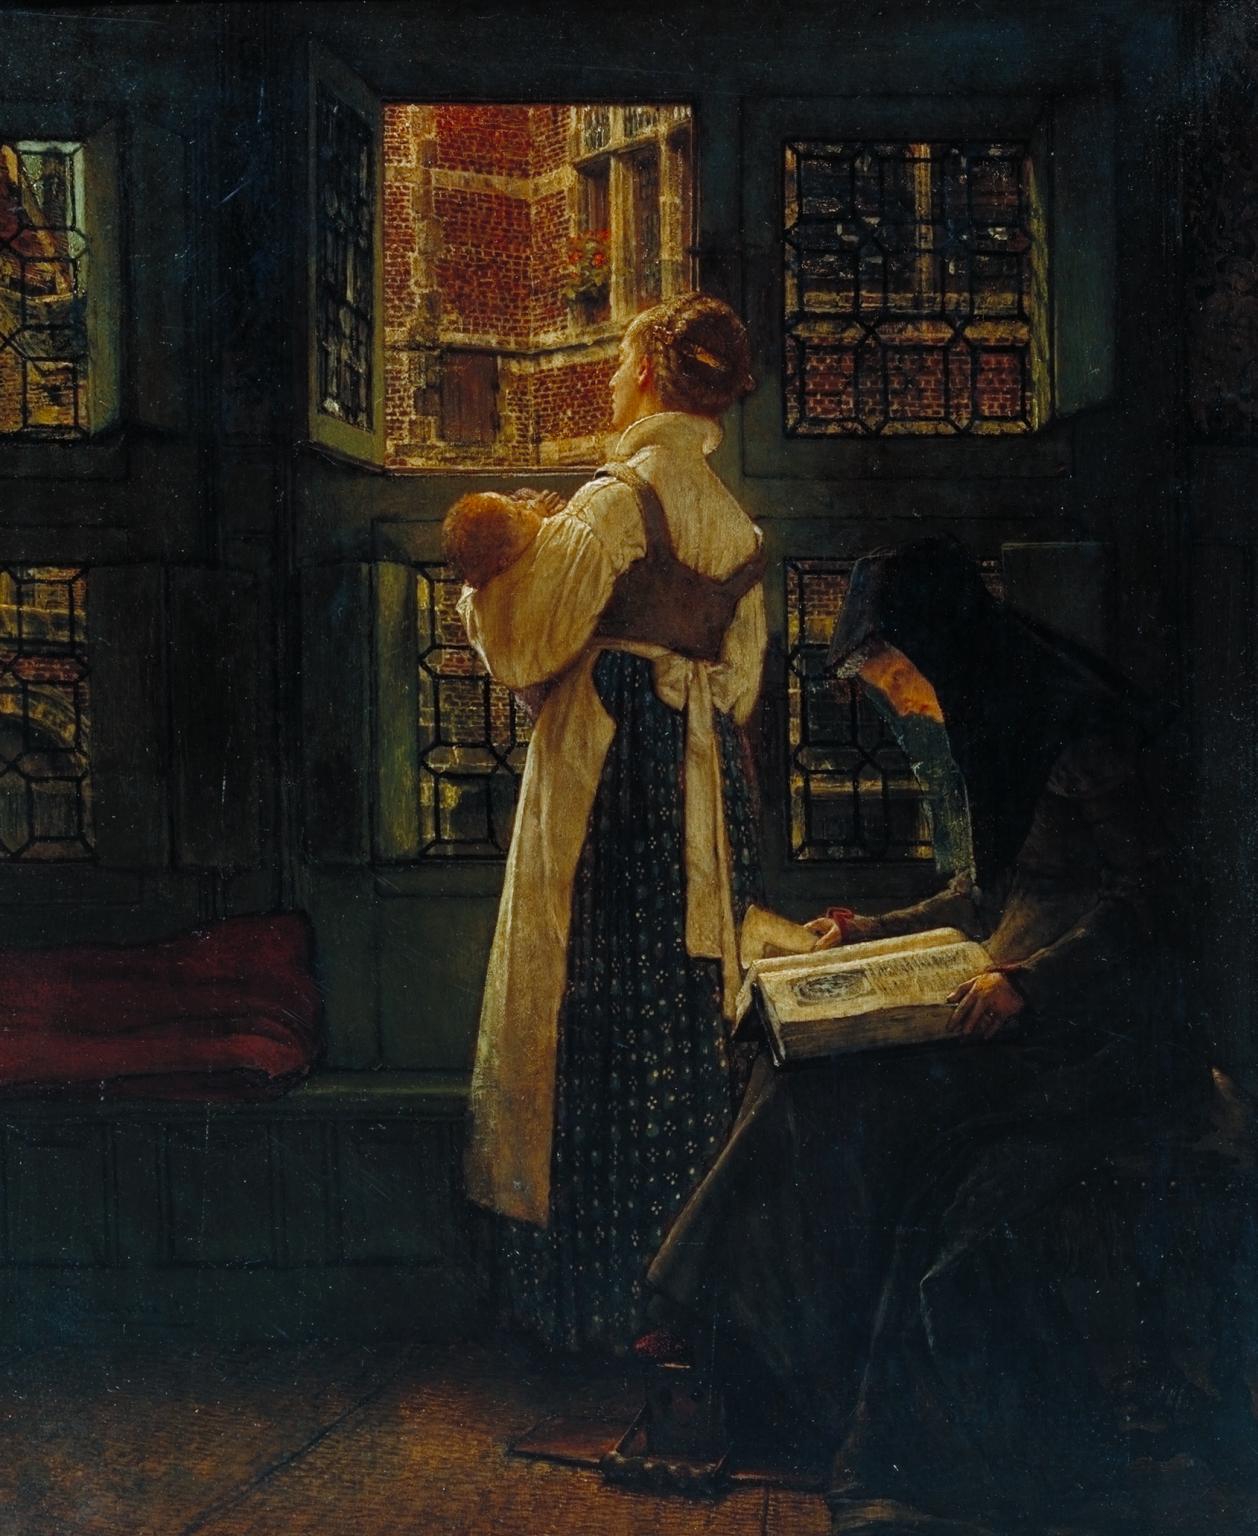 Sir Lawrence Alma-Tadema: Sunday Morning 1871 by Sir Lawrence Alma-Tadema 🖌️☀️ at Tate Britain: https://...